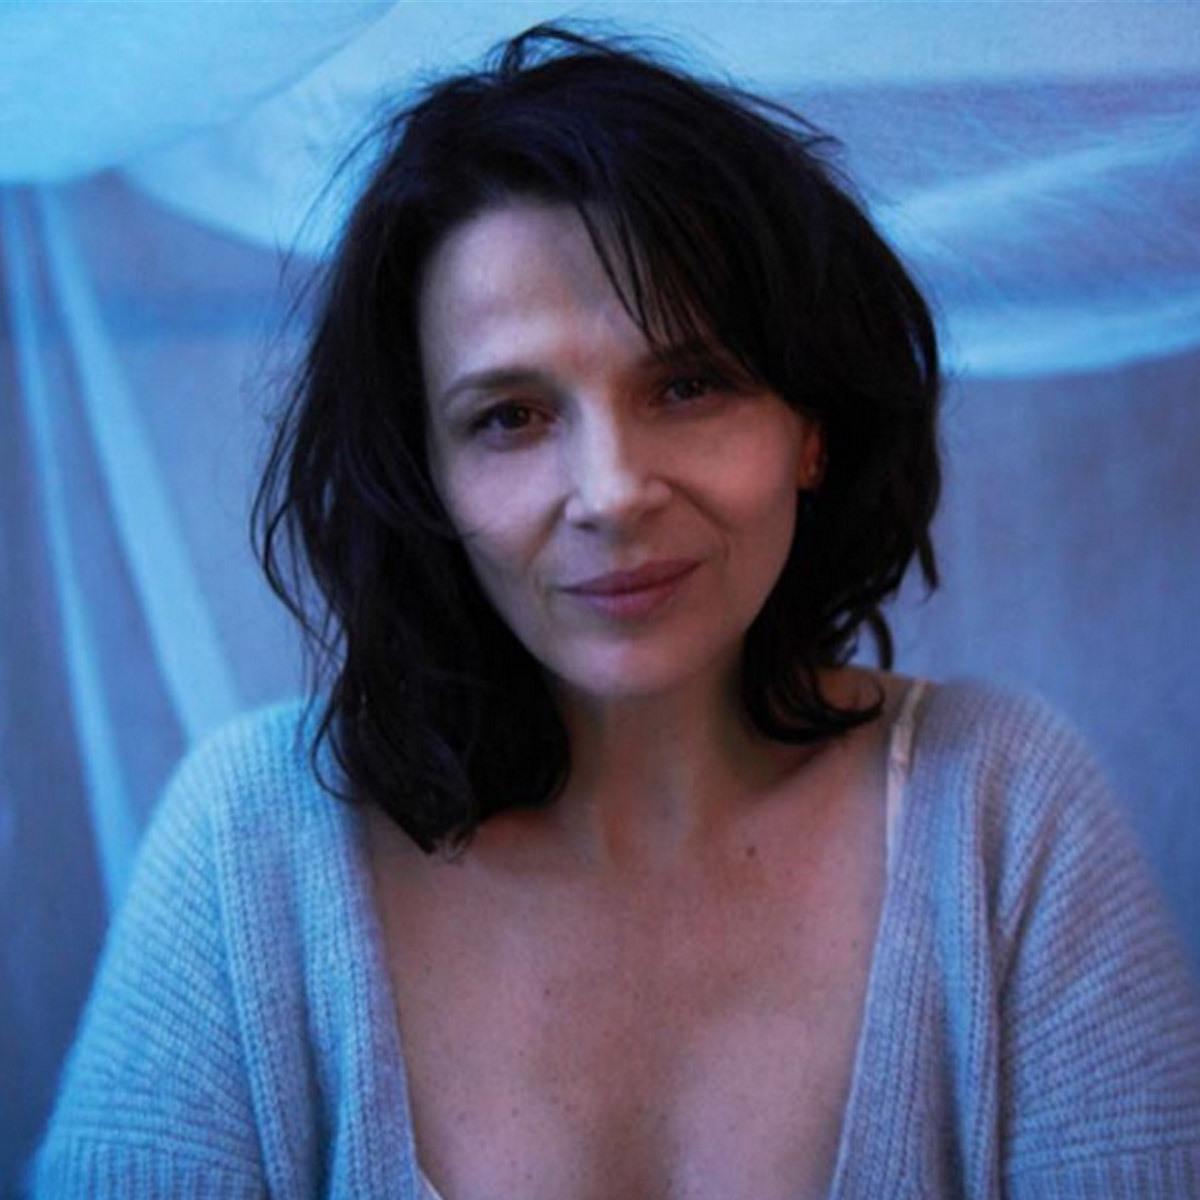 La actriz Juliette Binoche es fan de posar al natural y a cara lavada...